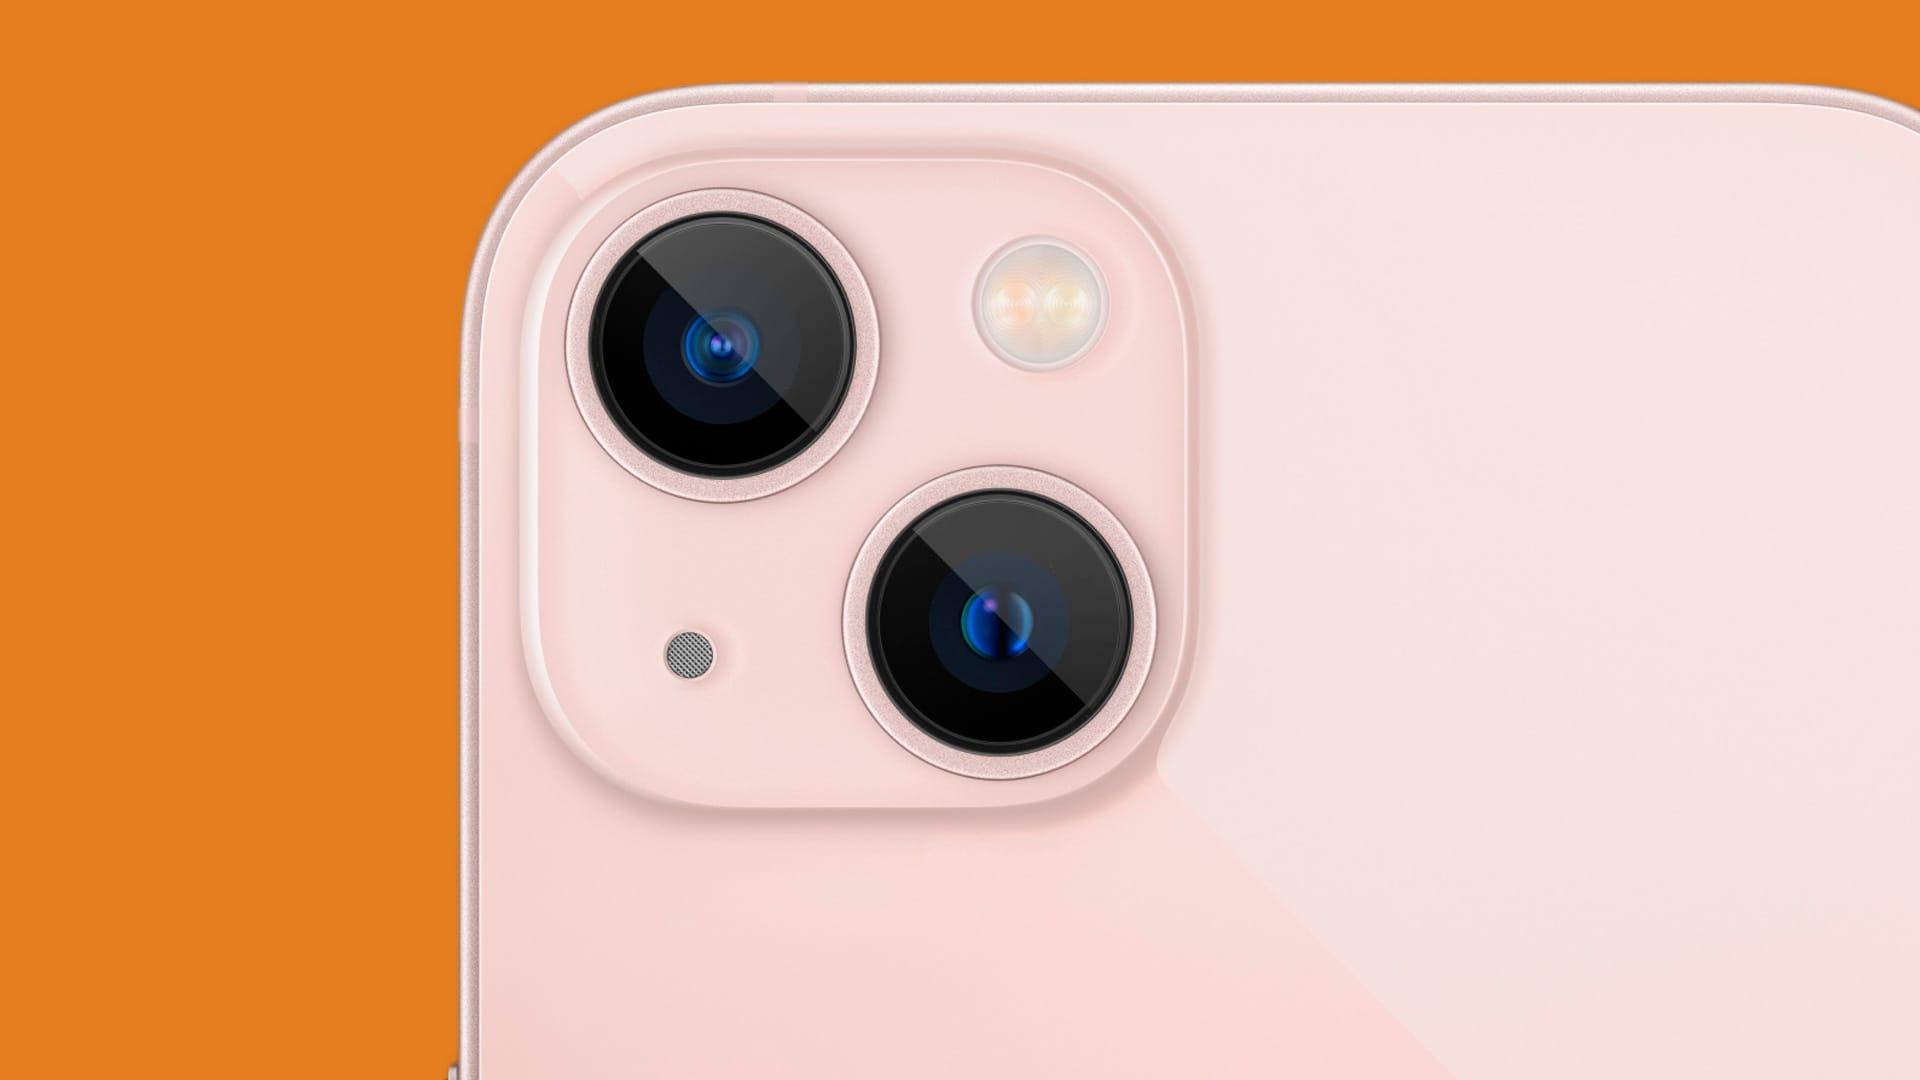 Comprar el iPhone 13 con Orange: precios y ofertas